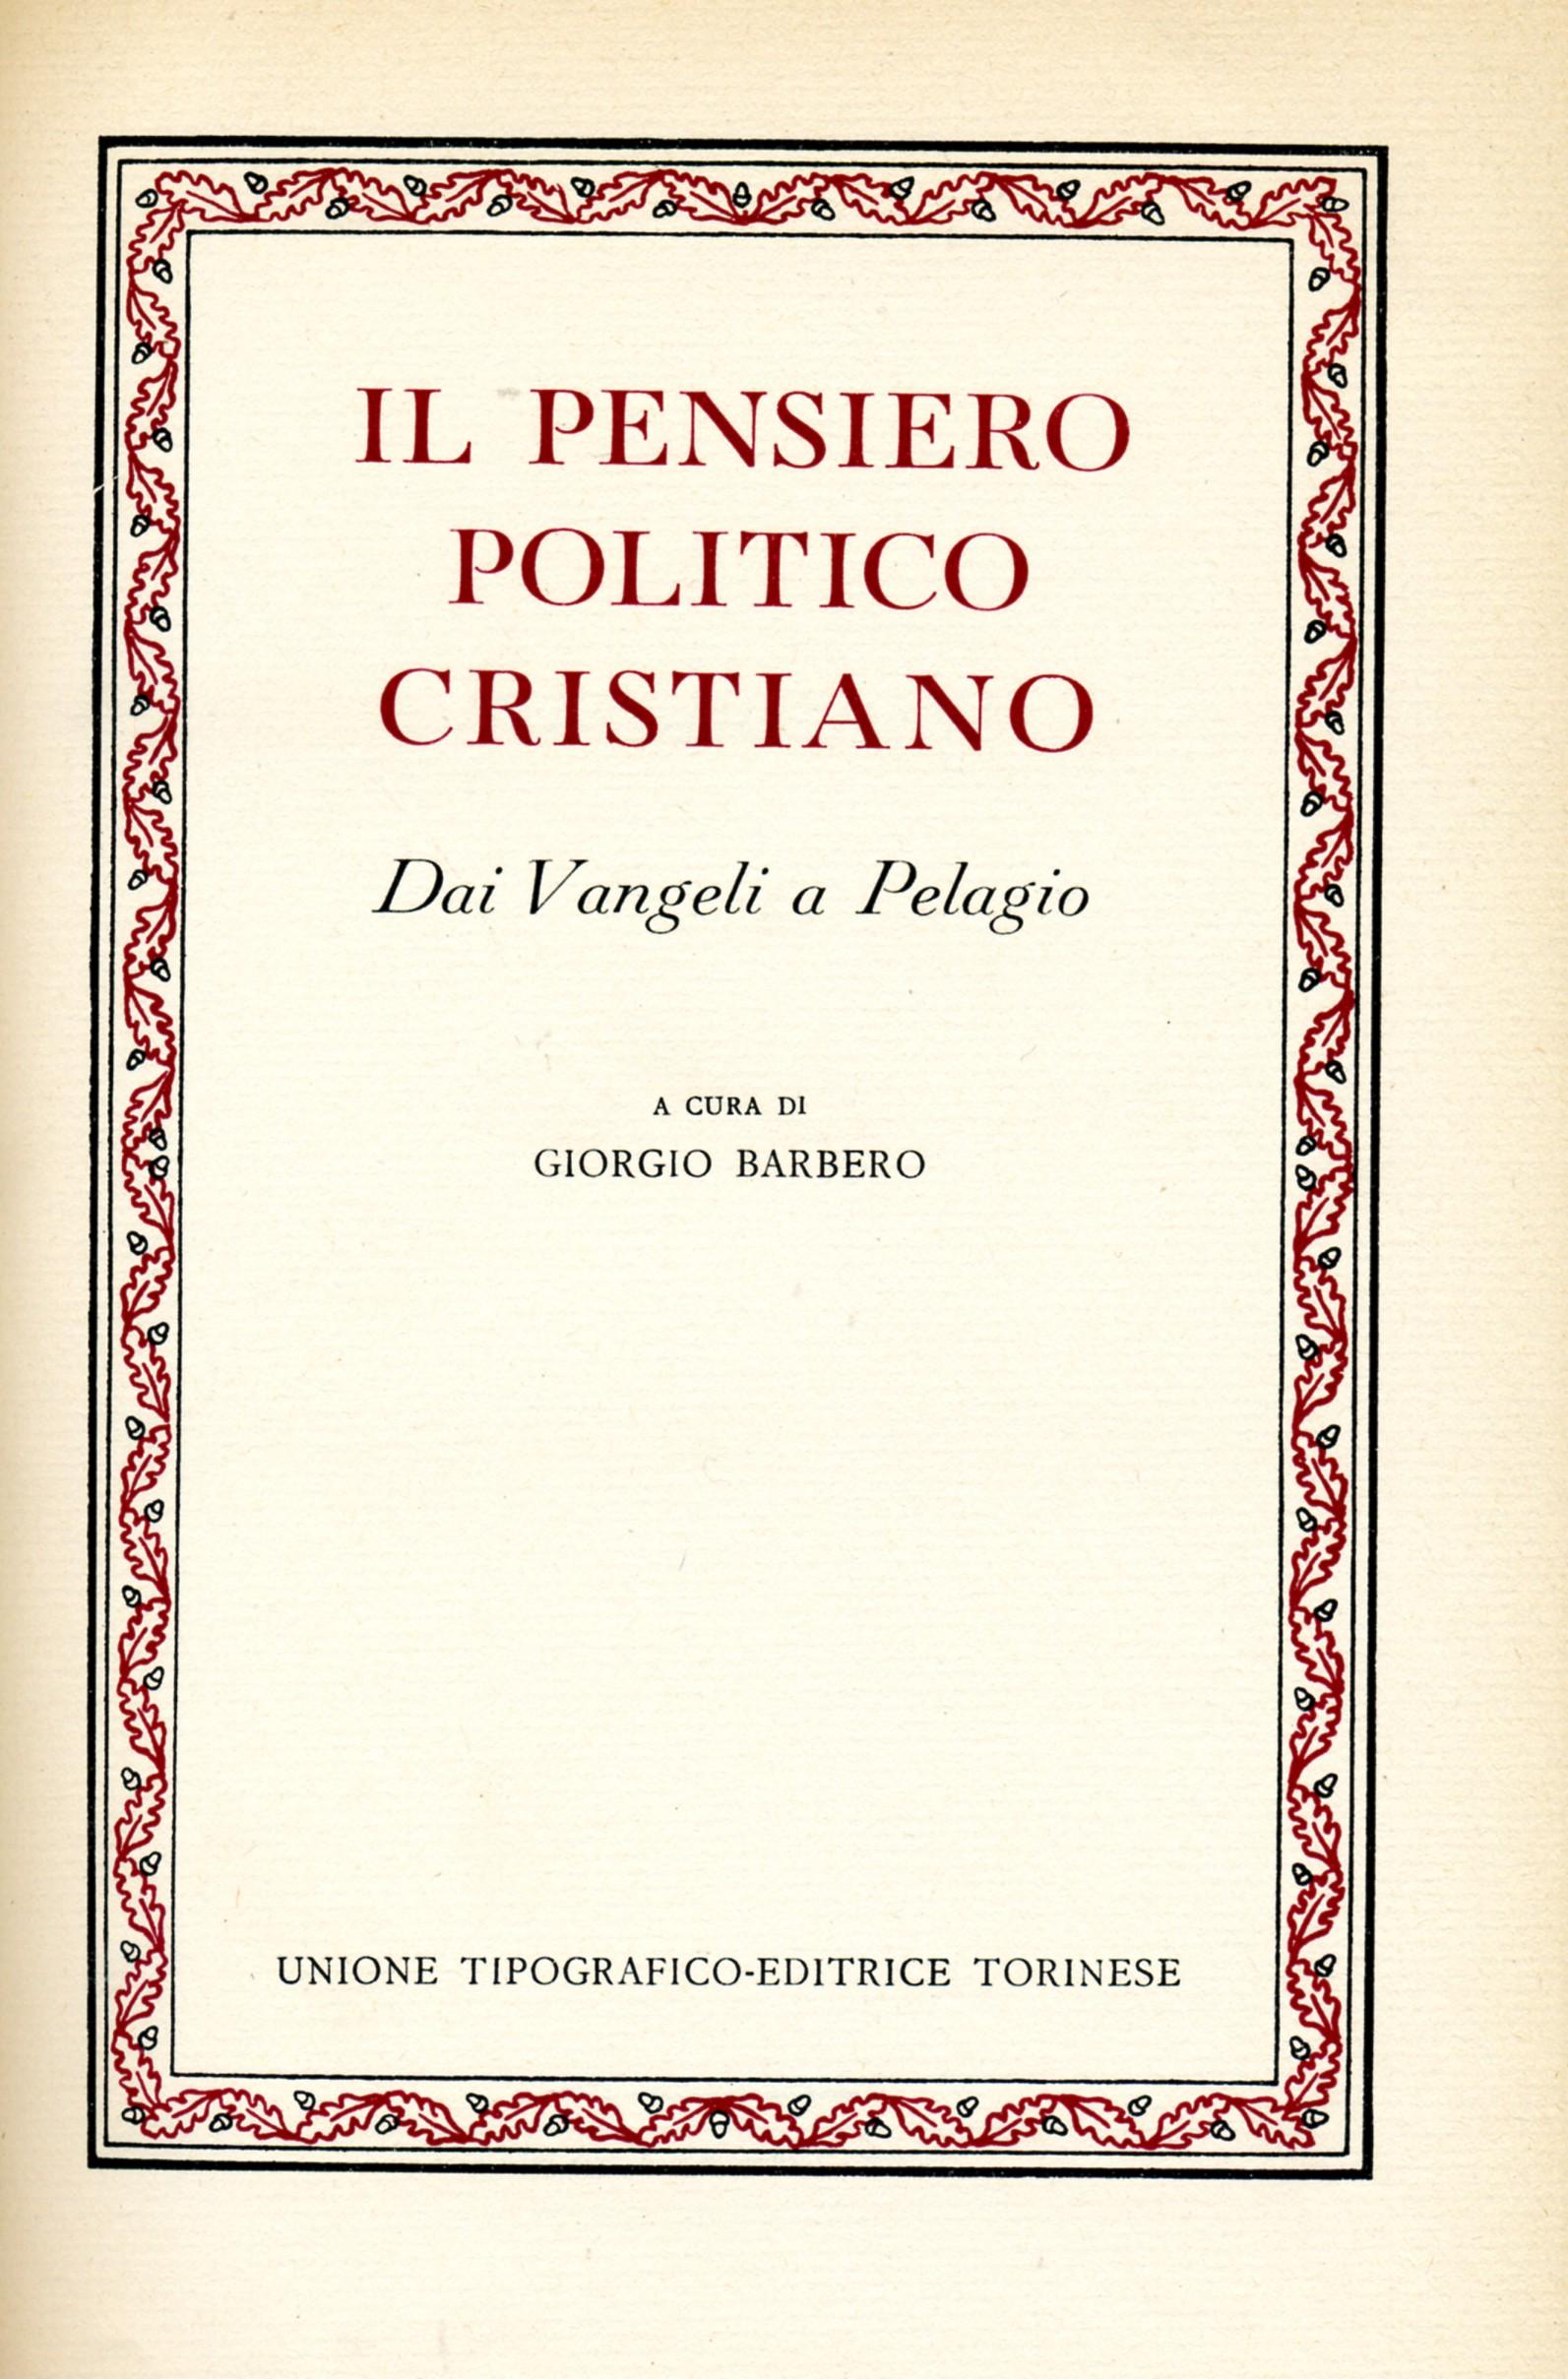 Il pensiero politico cristiano